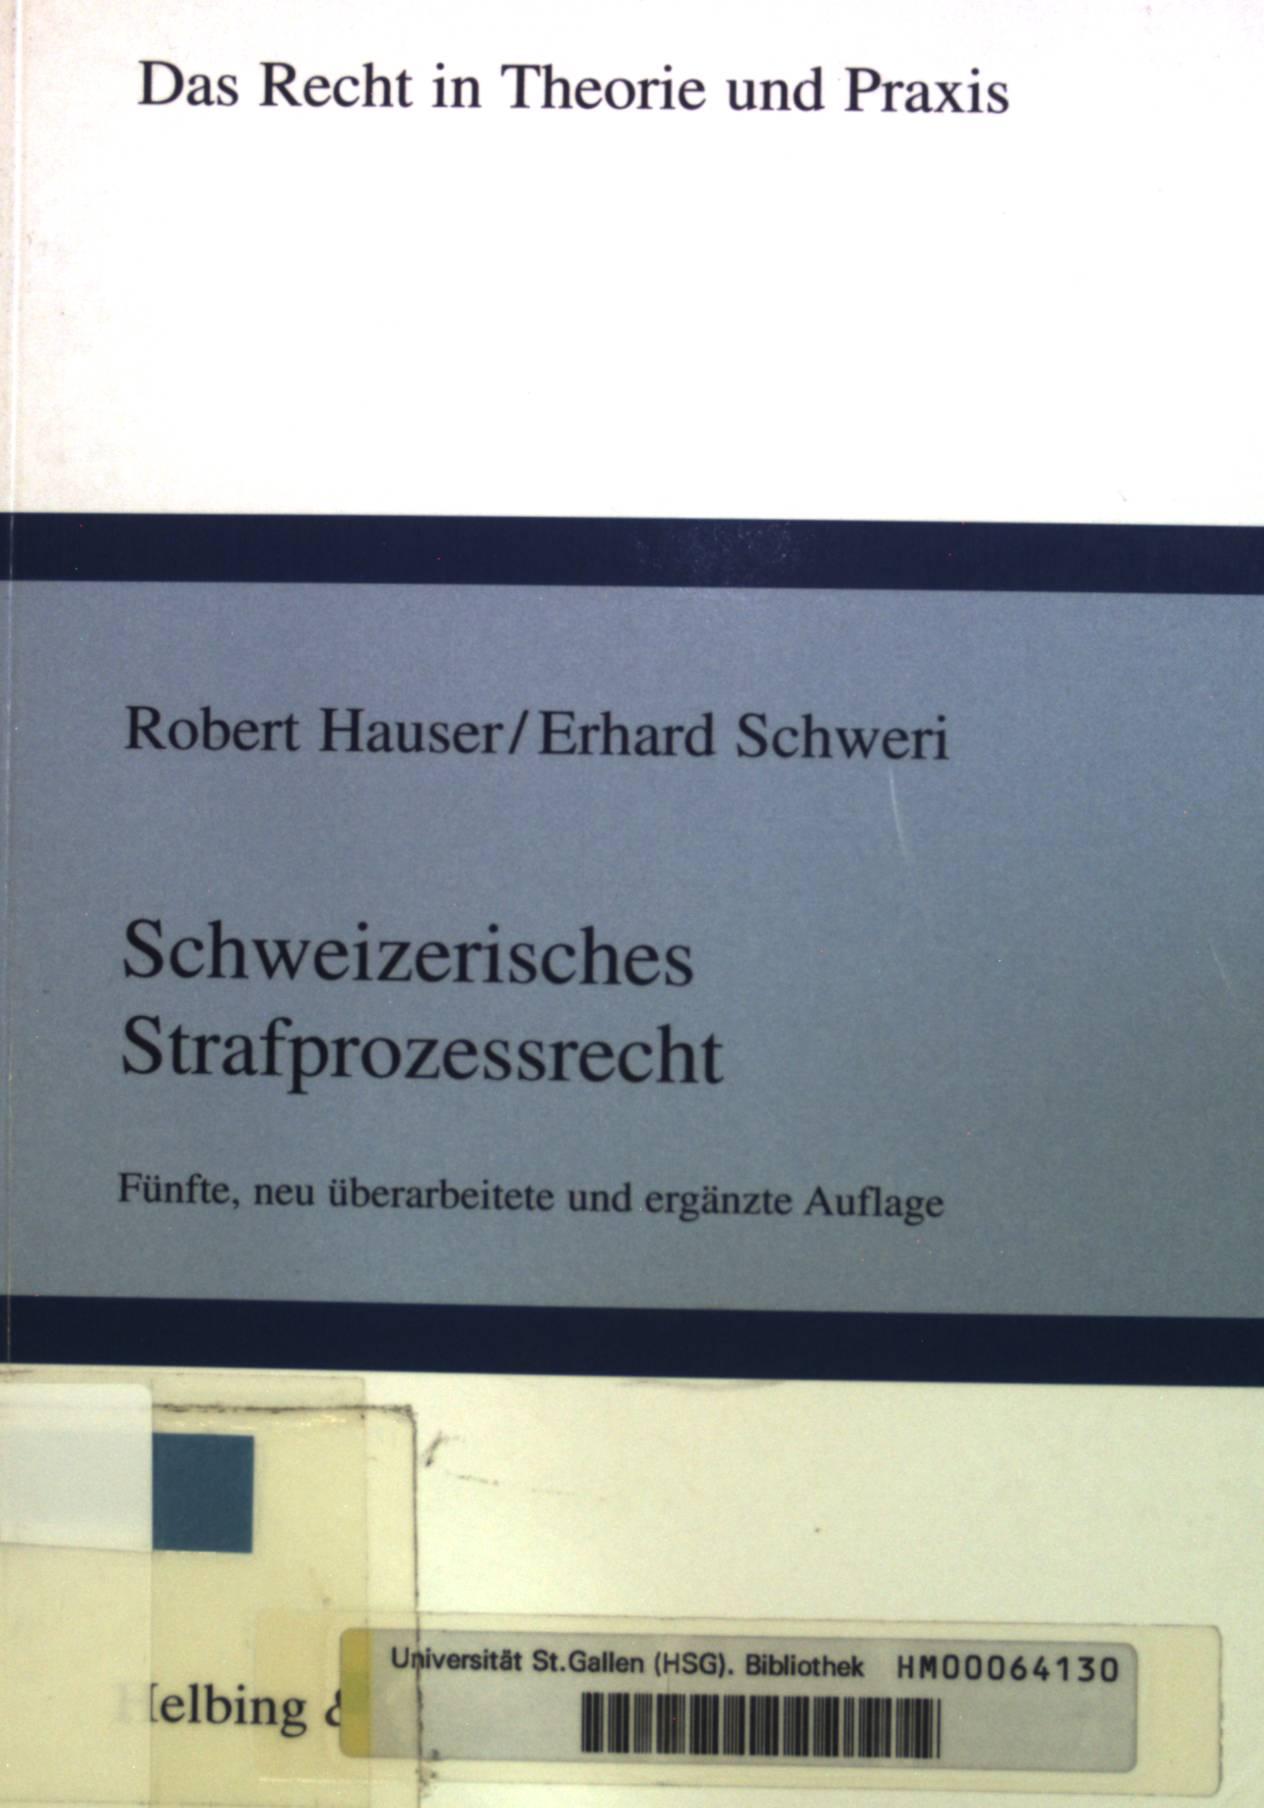 Schweizerisches Strafprozessrecht. Das Recht in Theorie und: Hauser, Robert und